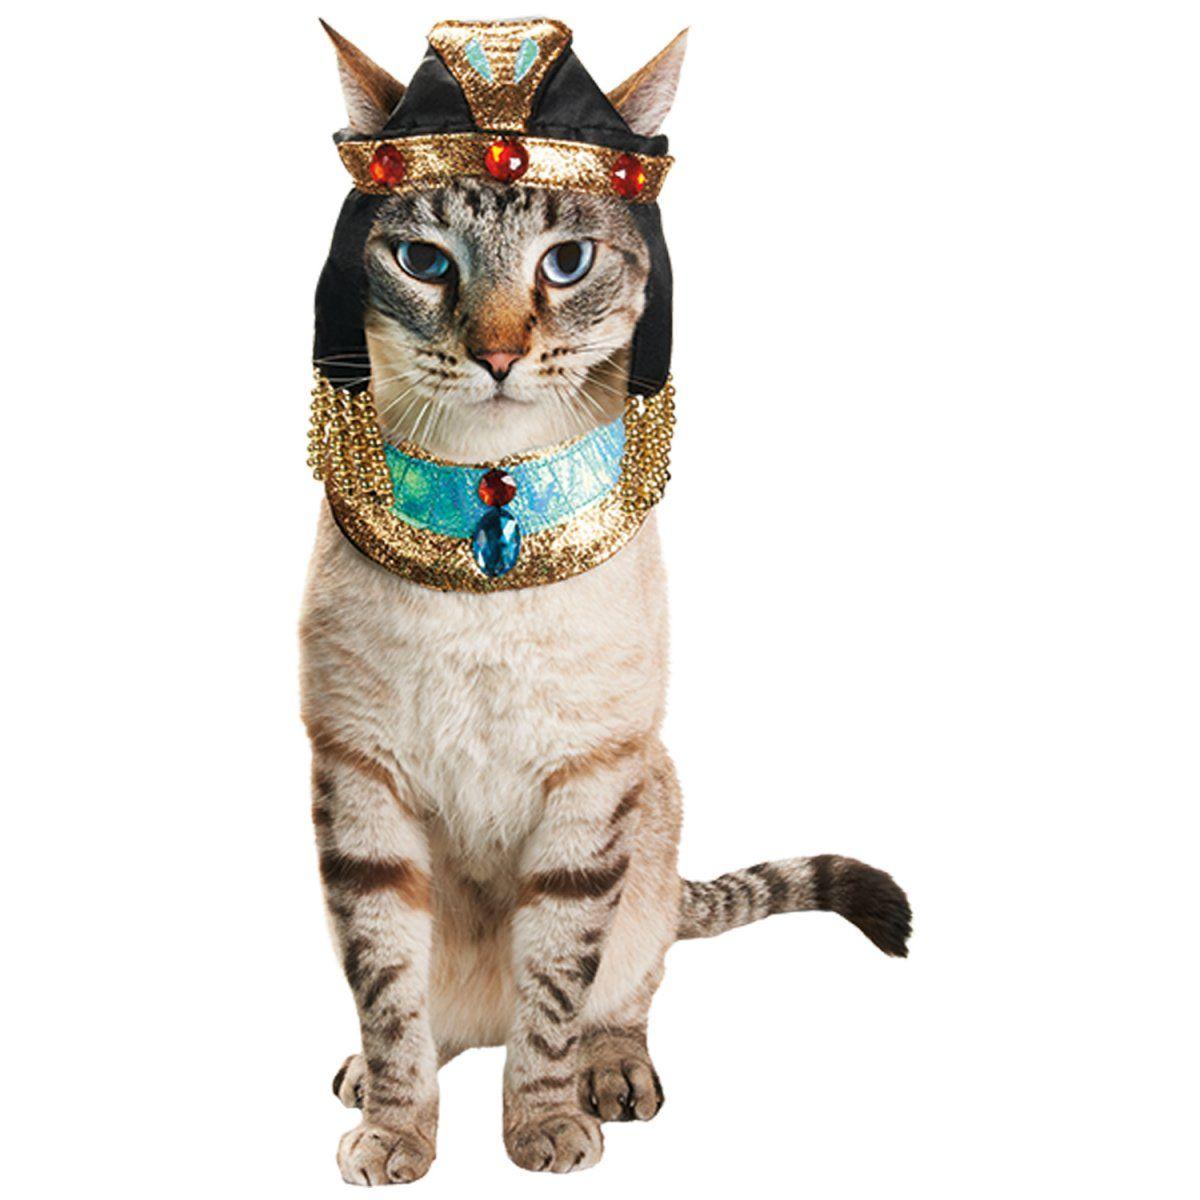 Petco Cleocatra Halloween Cat Costume With Images Cat Costumes Petco Cat Pet Halloween Costumes